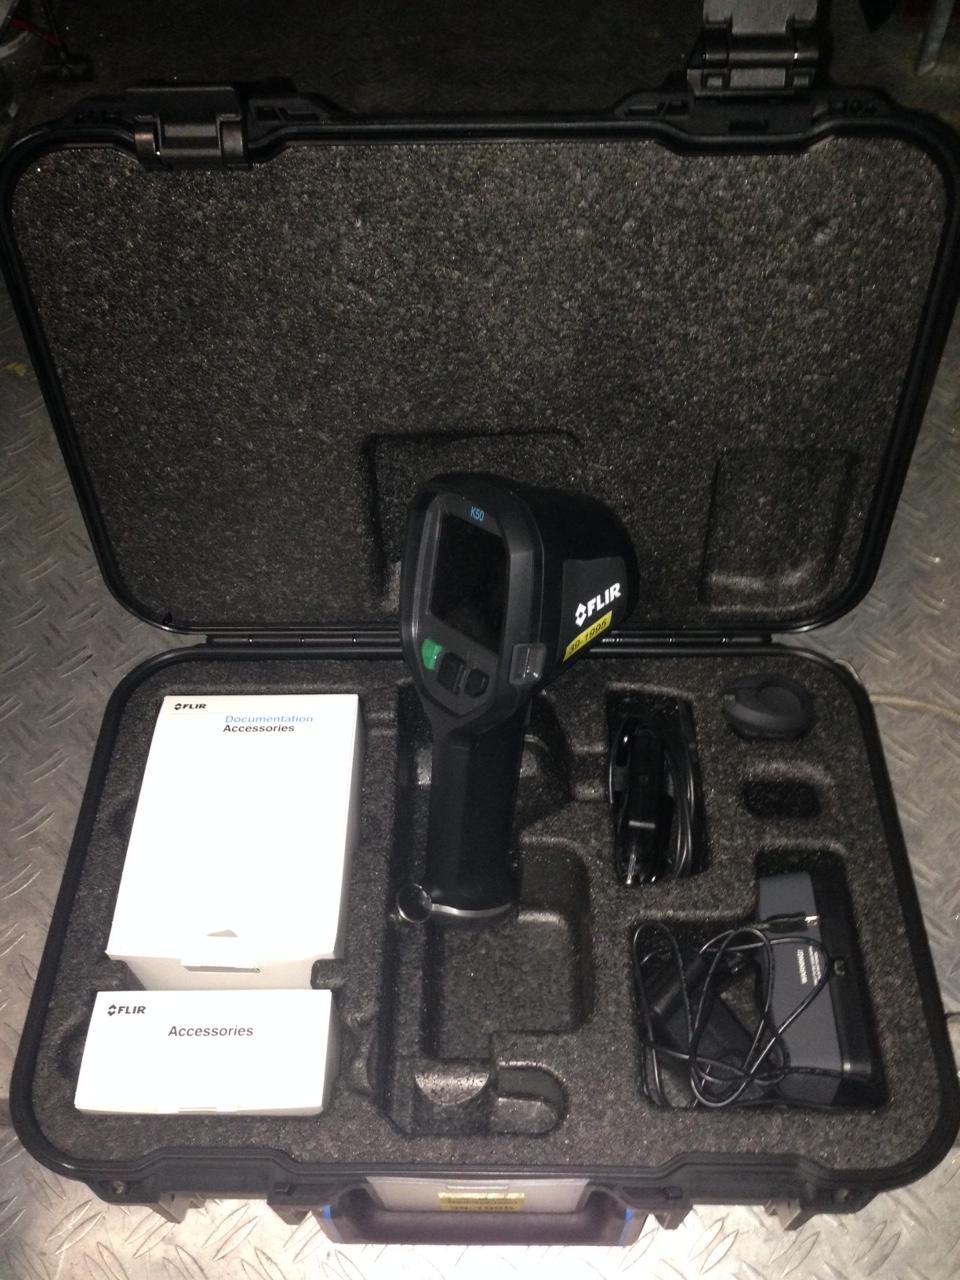 In einem praktischen Koffer ist die Kamera sicher verstaut und kann schnell eingesetzt werden